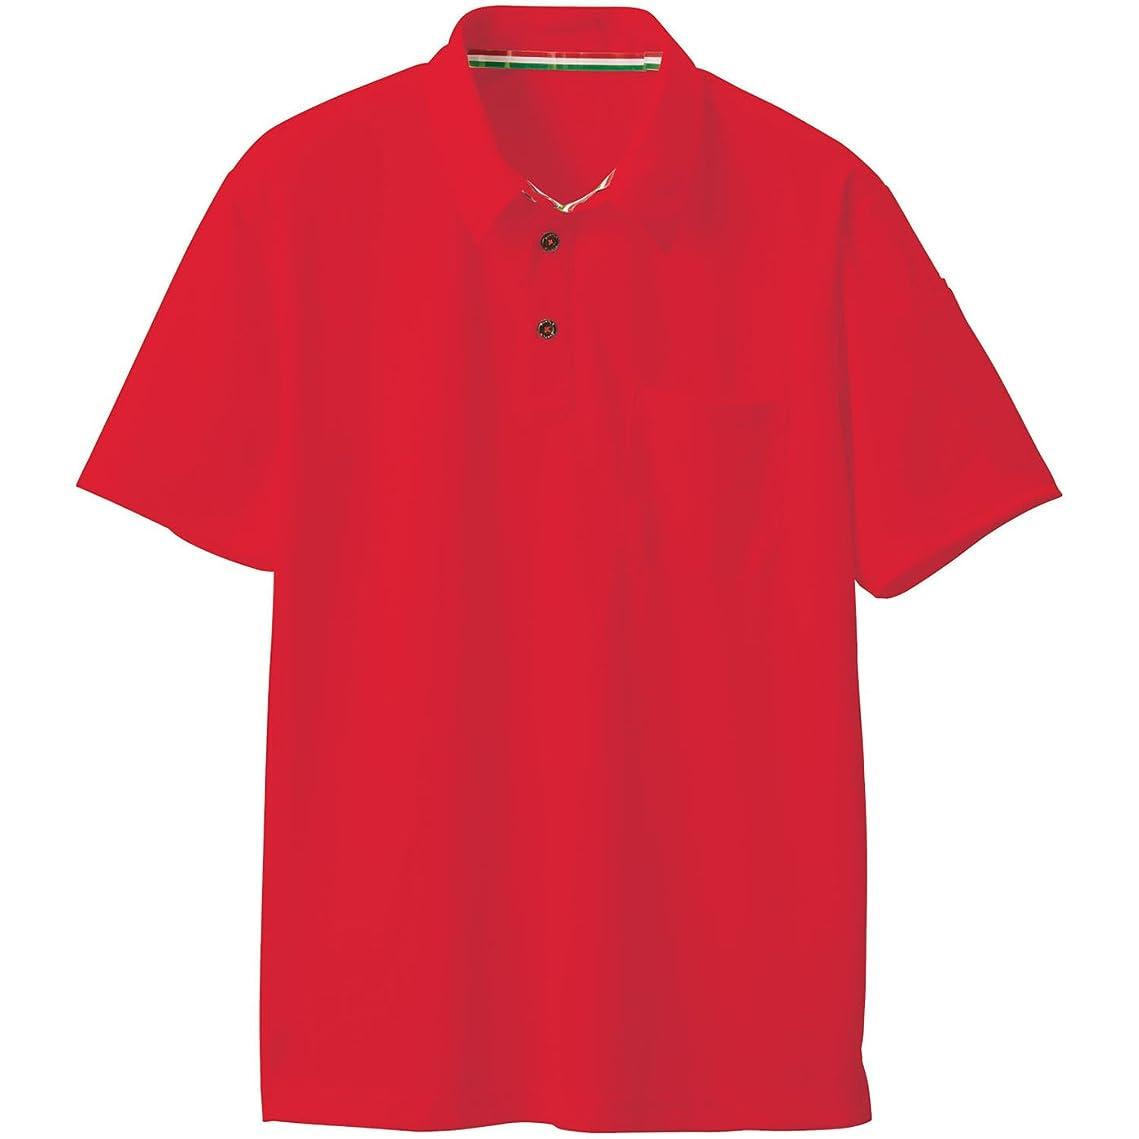 リーチマラドロイト除去sowa(ソーワ)半袖ポロシャツ 作業シャツ ドライ+デオドラント sw-50137